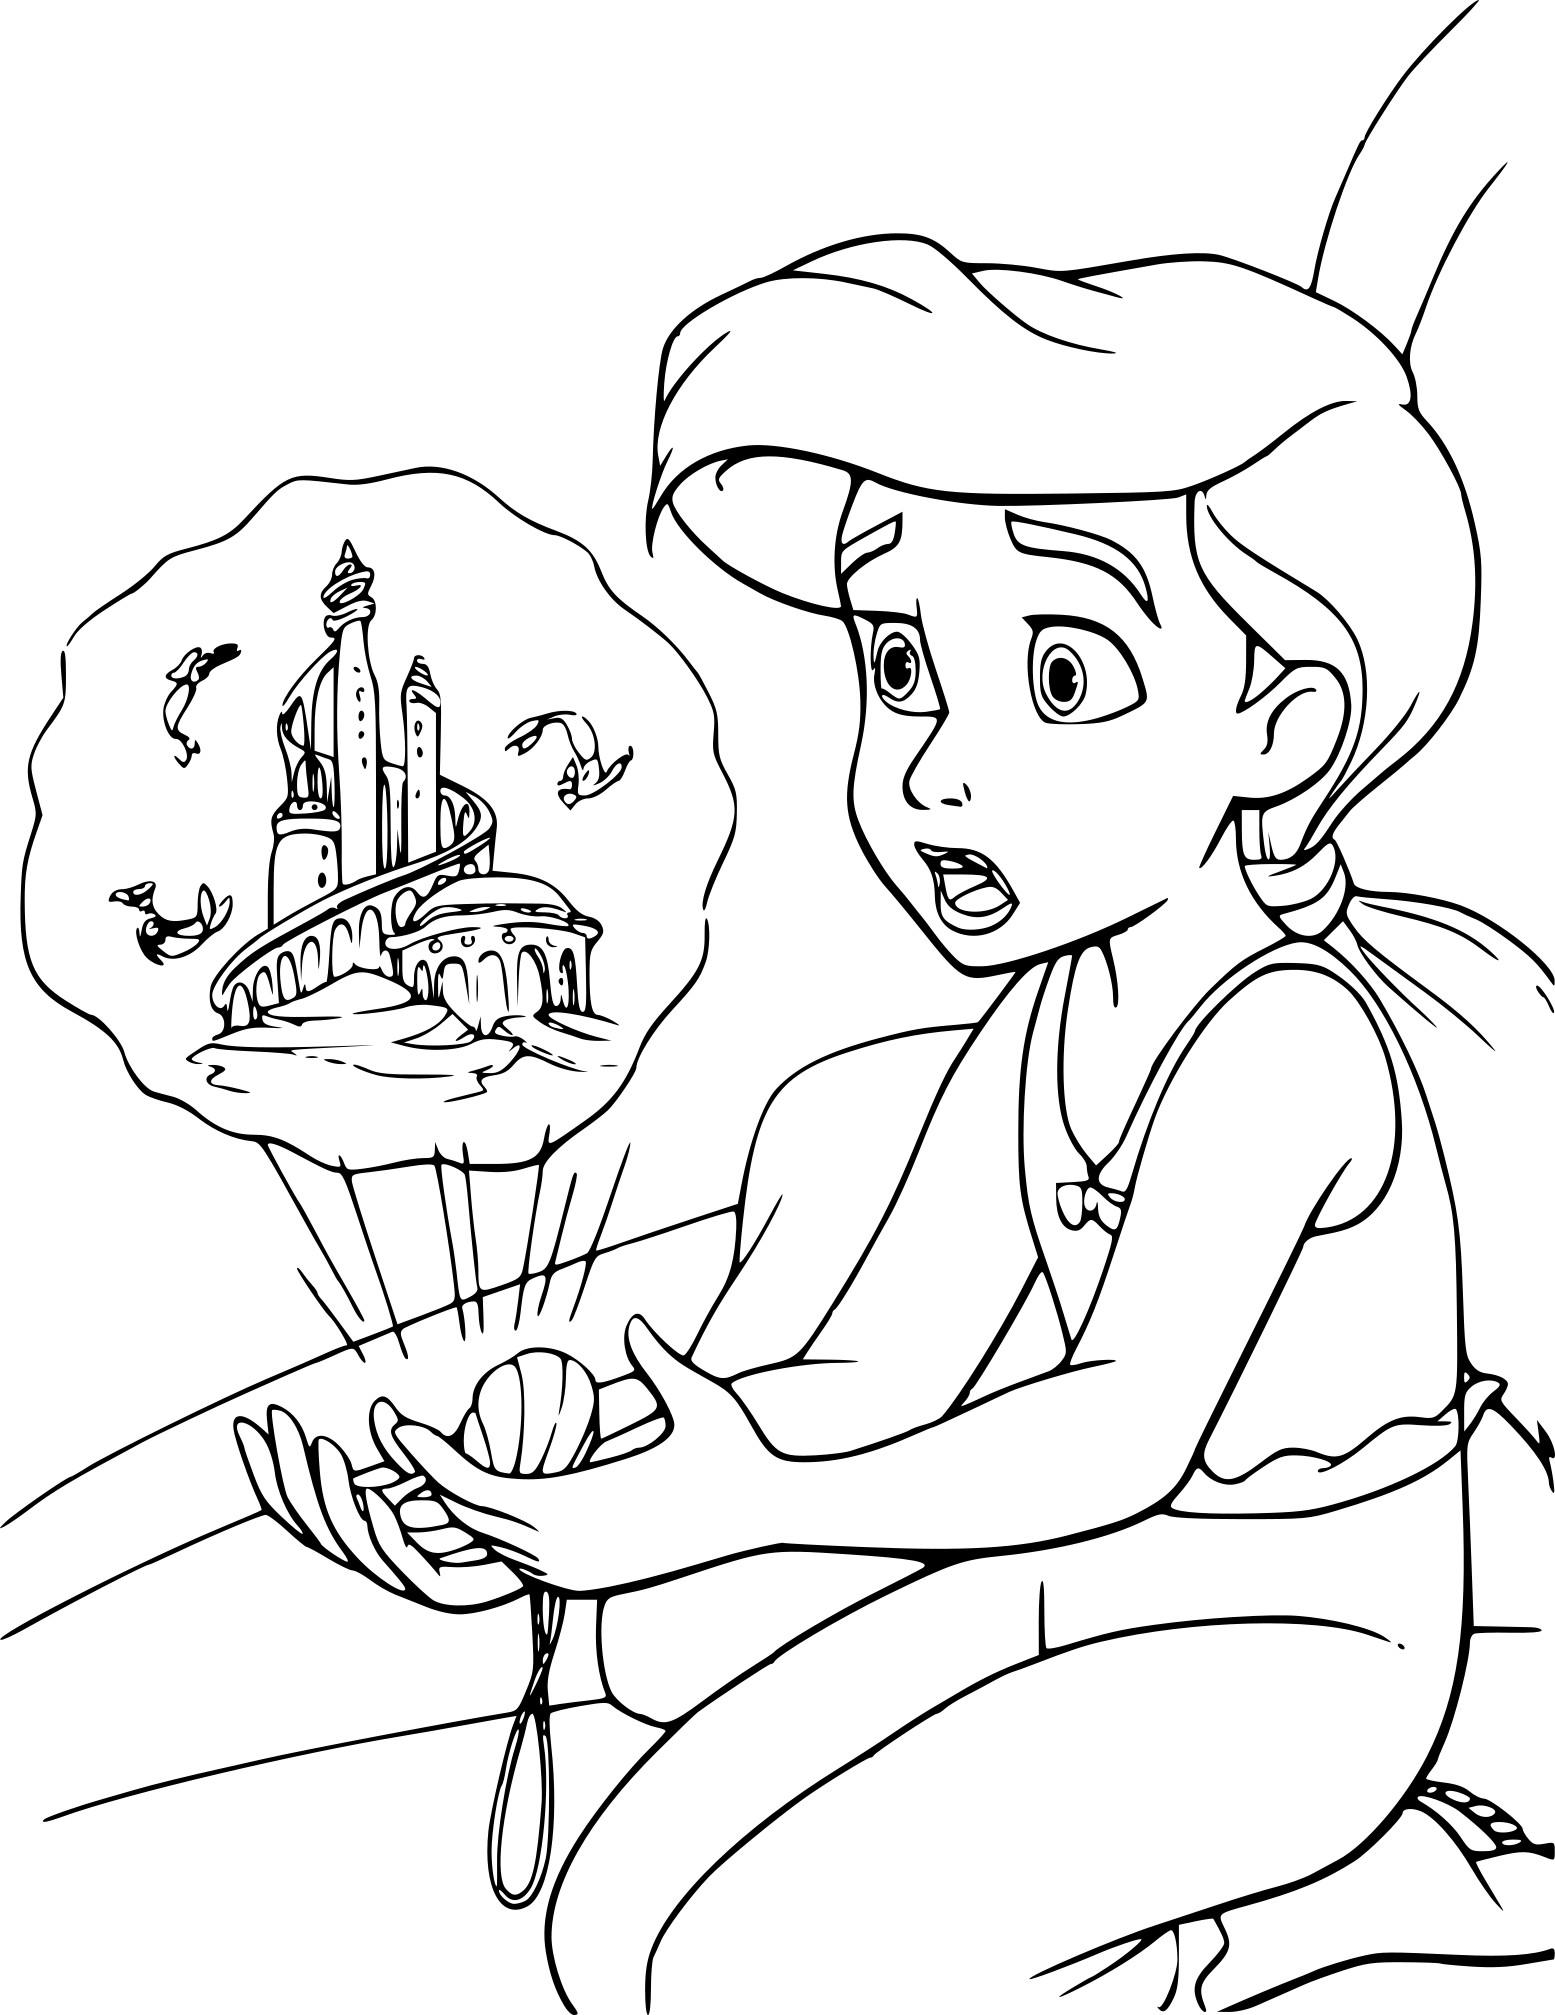 Coloriage Melodie Disney à imprimer